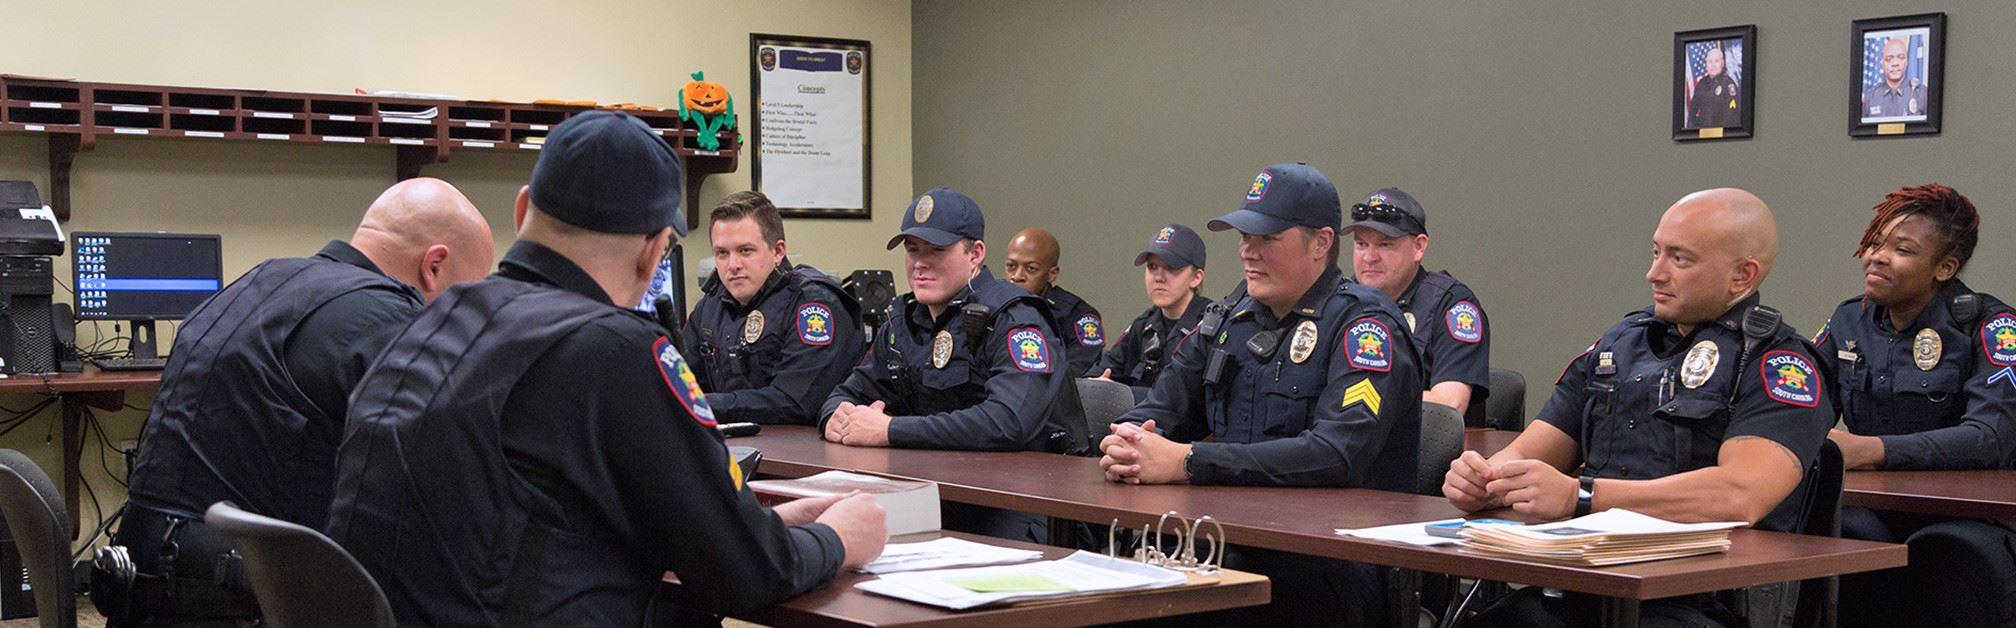 Police | Greer, SC